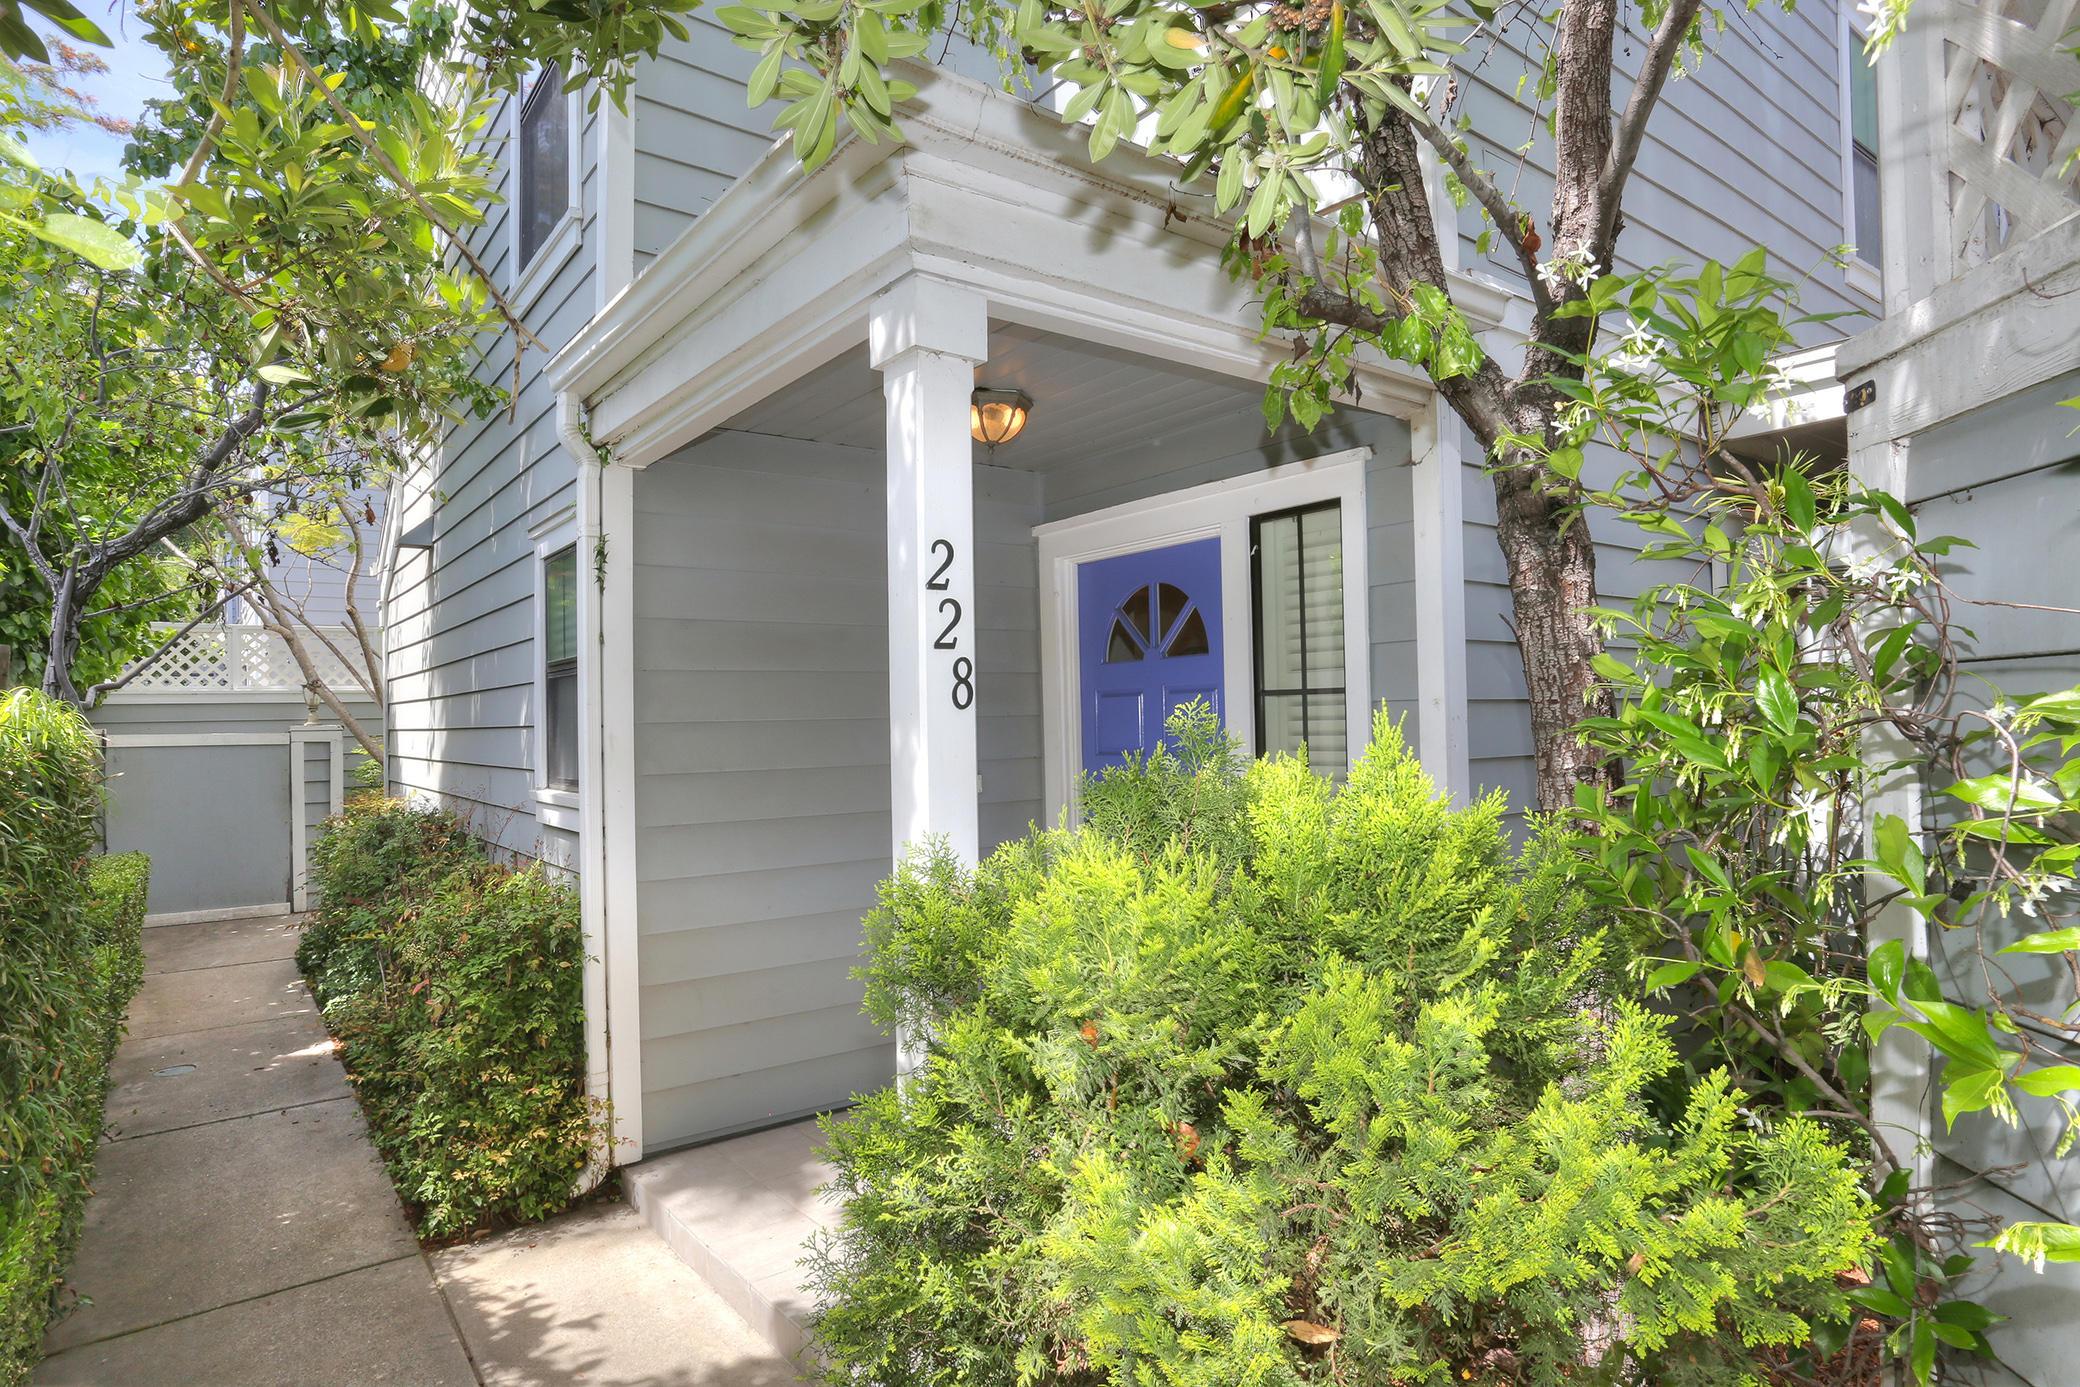 Property photo for 228 Jesmary Ln Santa Barbara, California 93105 - 17-1403